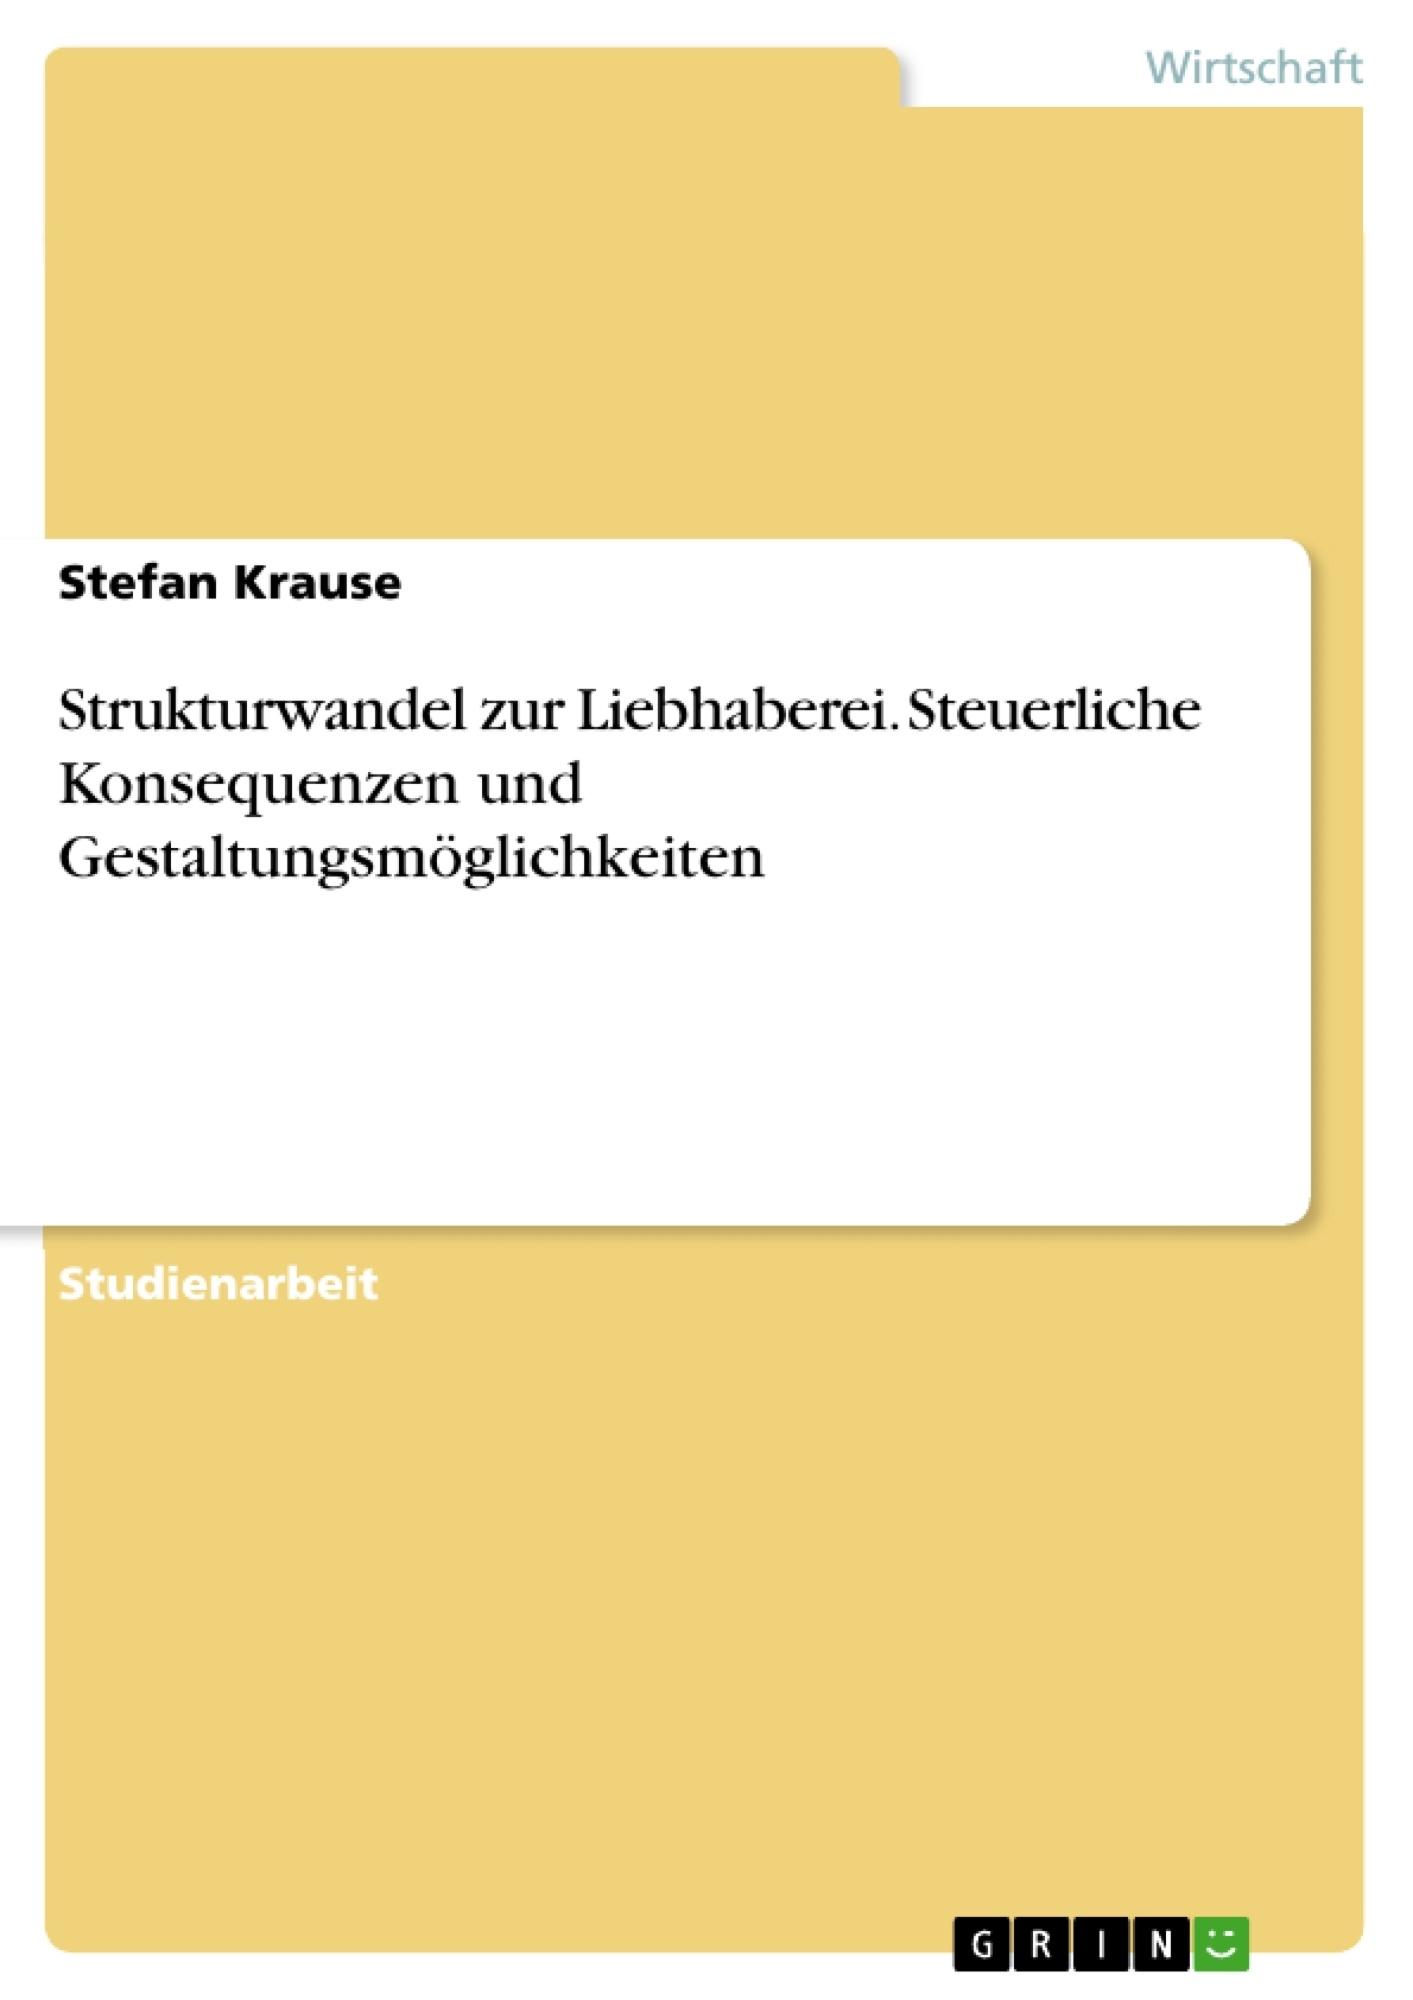 Titel: Strukturwandel zur Liebhaberei. Steuerliche Konsequenzen und Gestaltungsmöglichkeiten